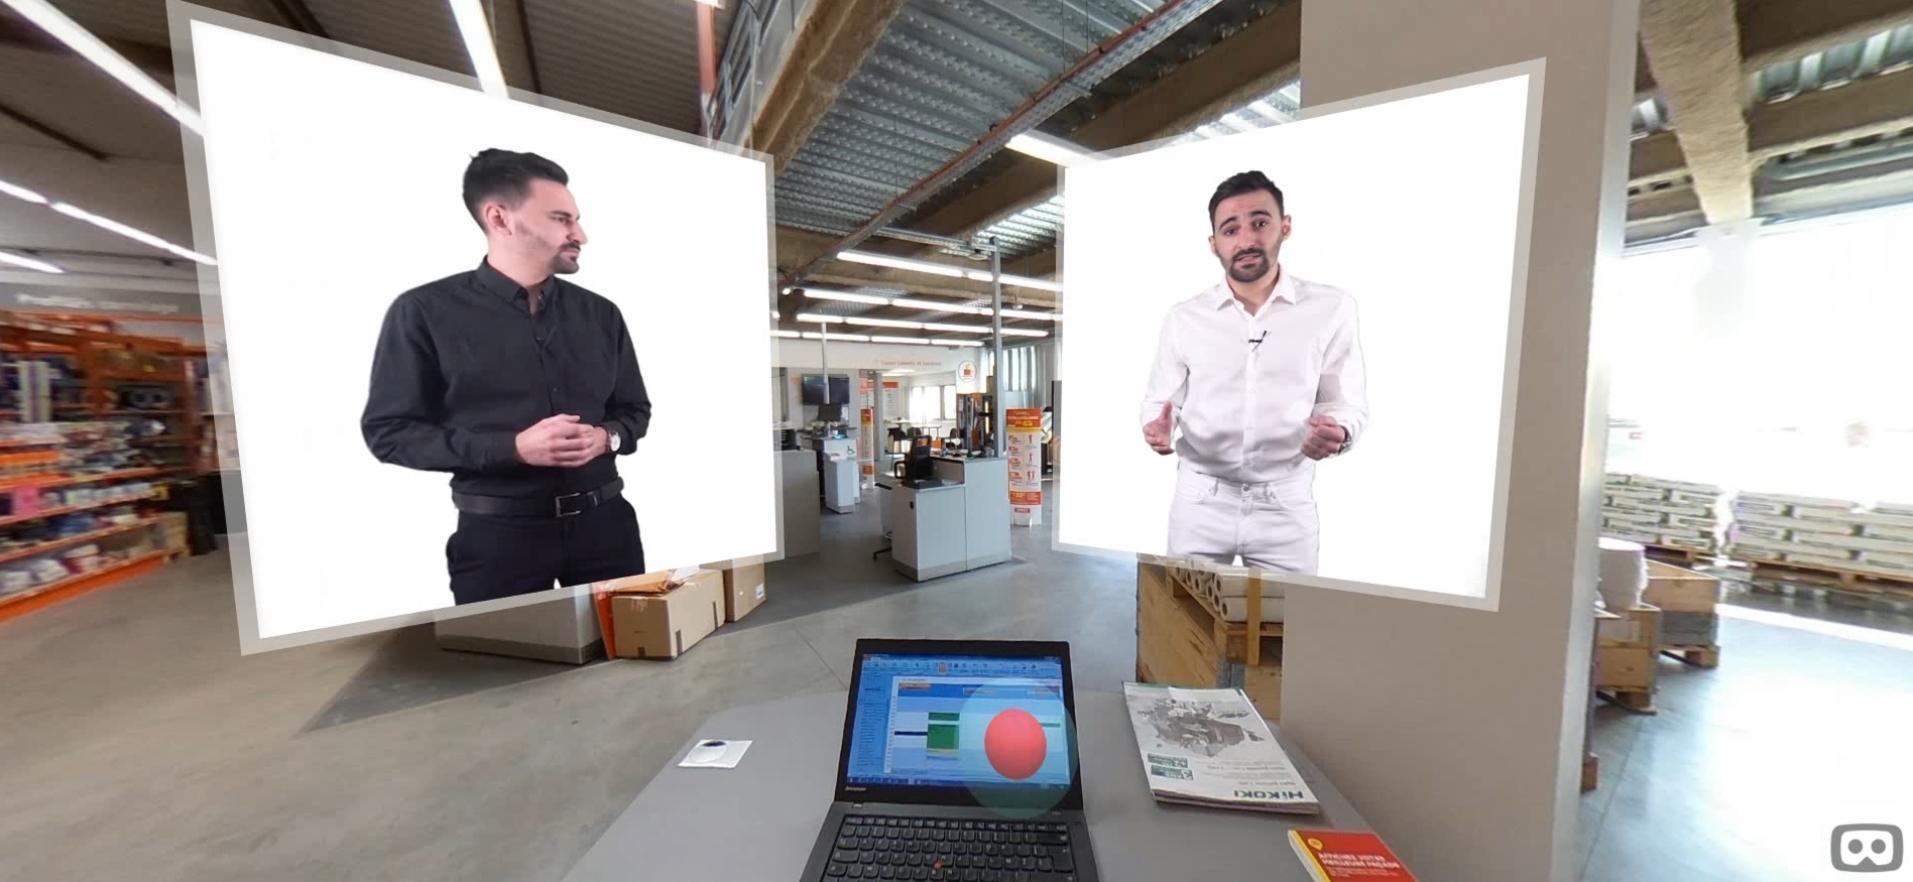 Le campus de Saint-Gobain Distribution Bâtiment France expérimente la formation en Réalité Virtuelle avec XOS